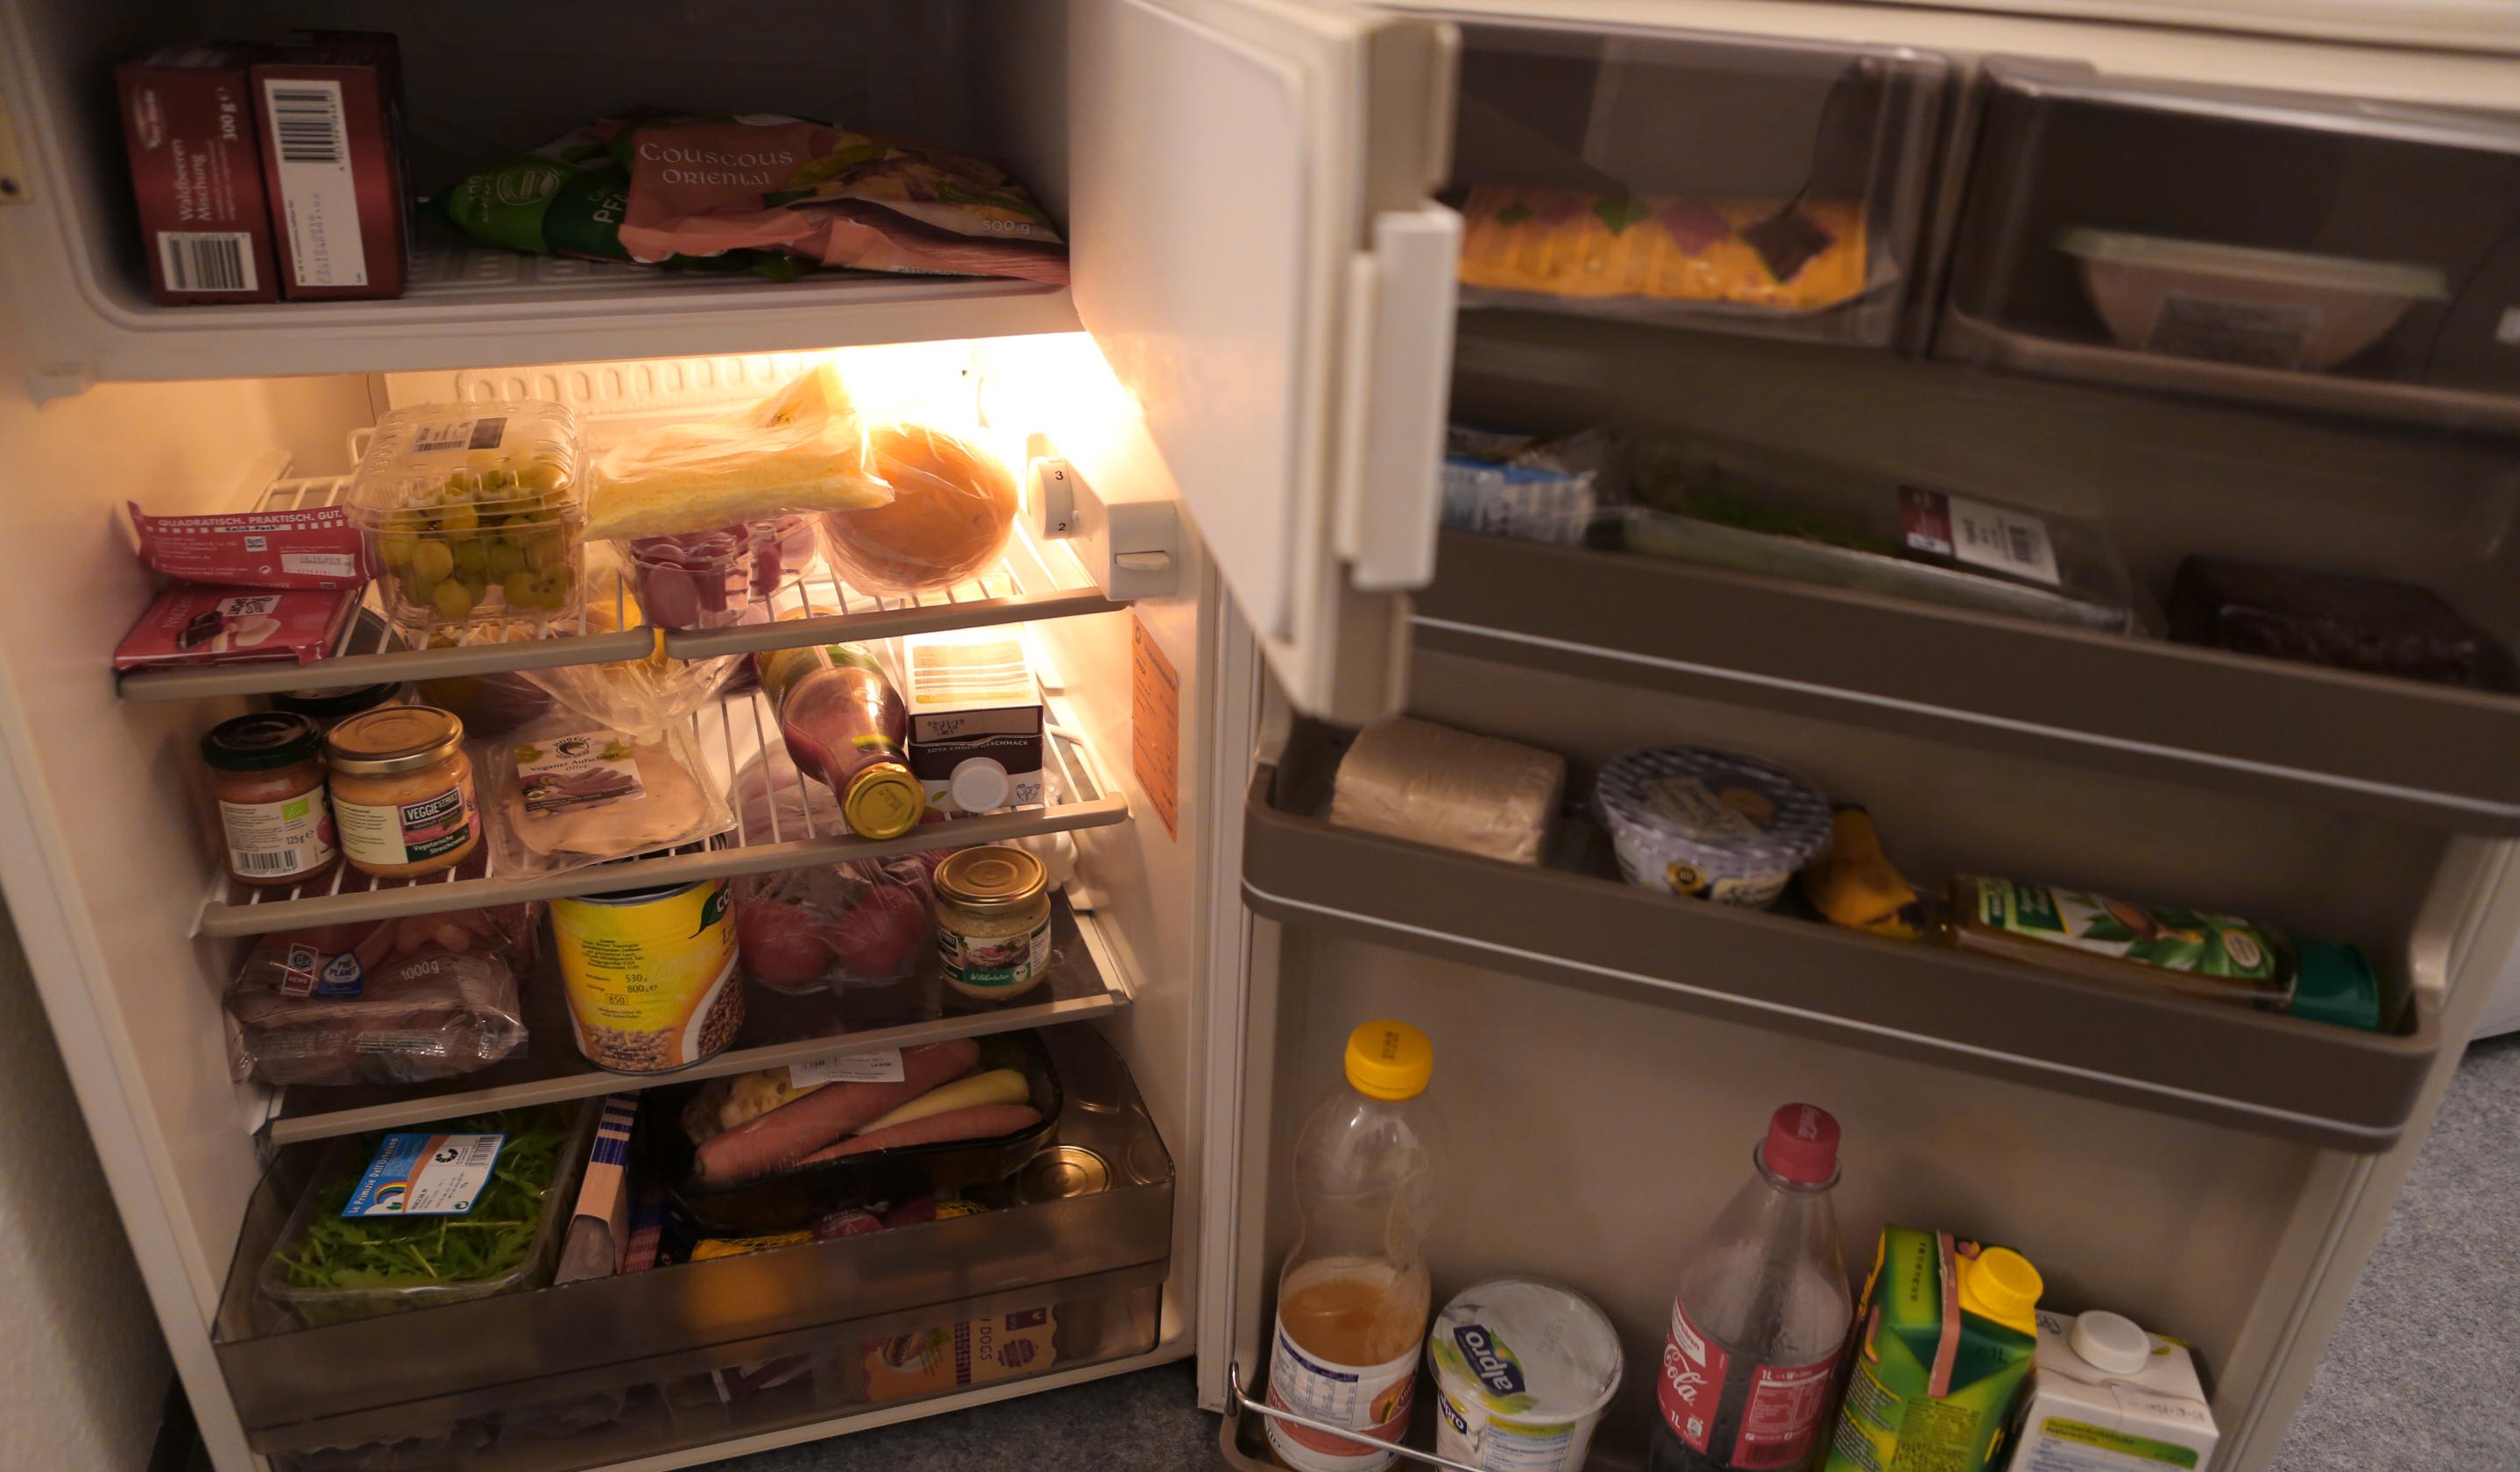 Nett Bier Kühlschrank Fotos - Die Schlafzimmerideen - kruloei.info